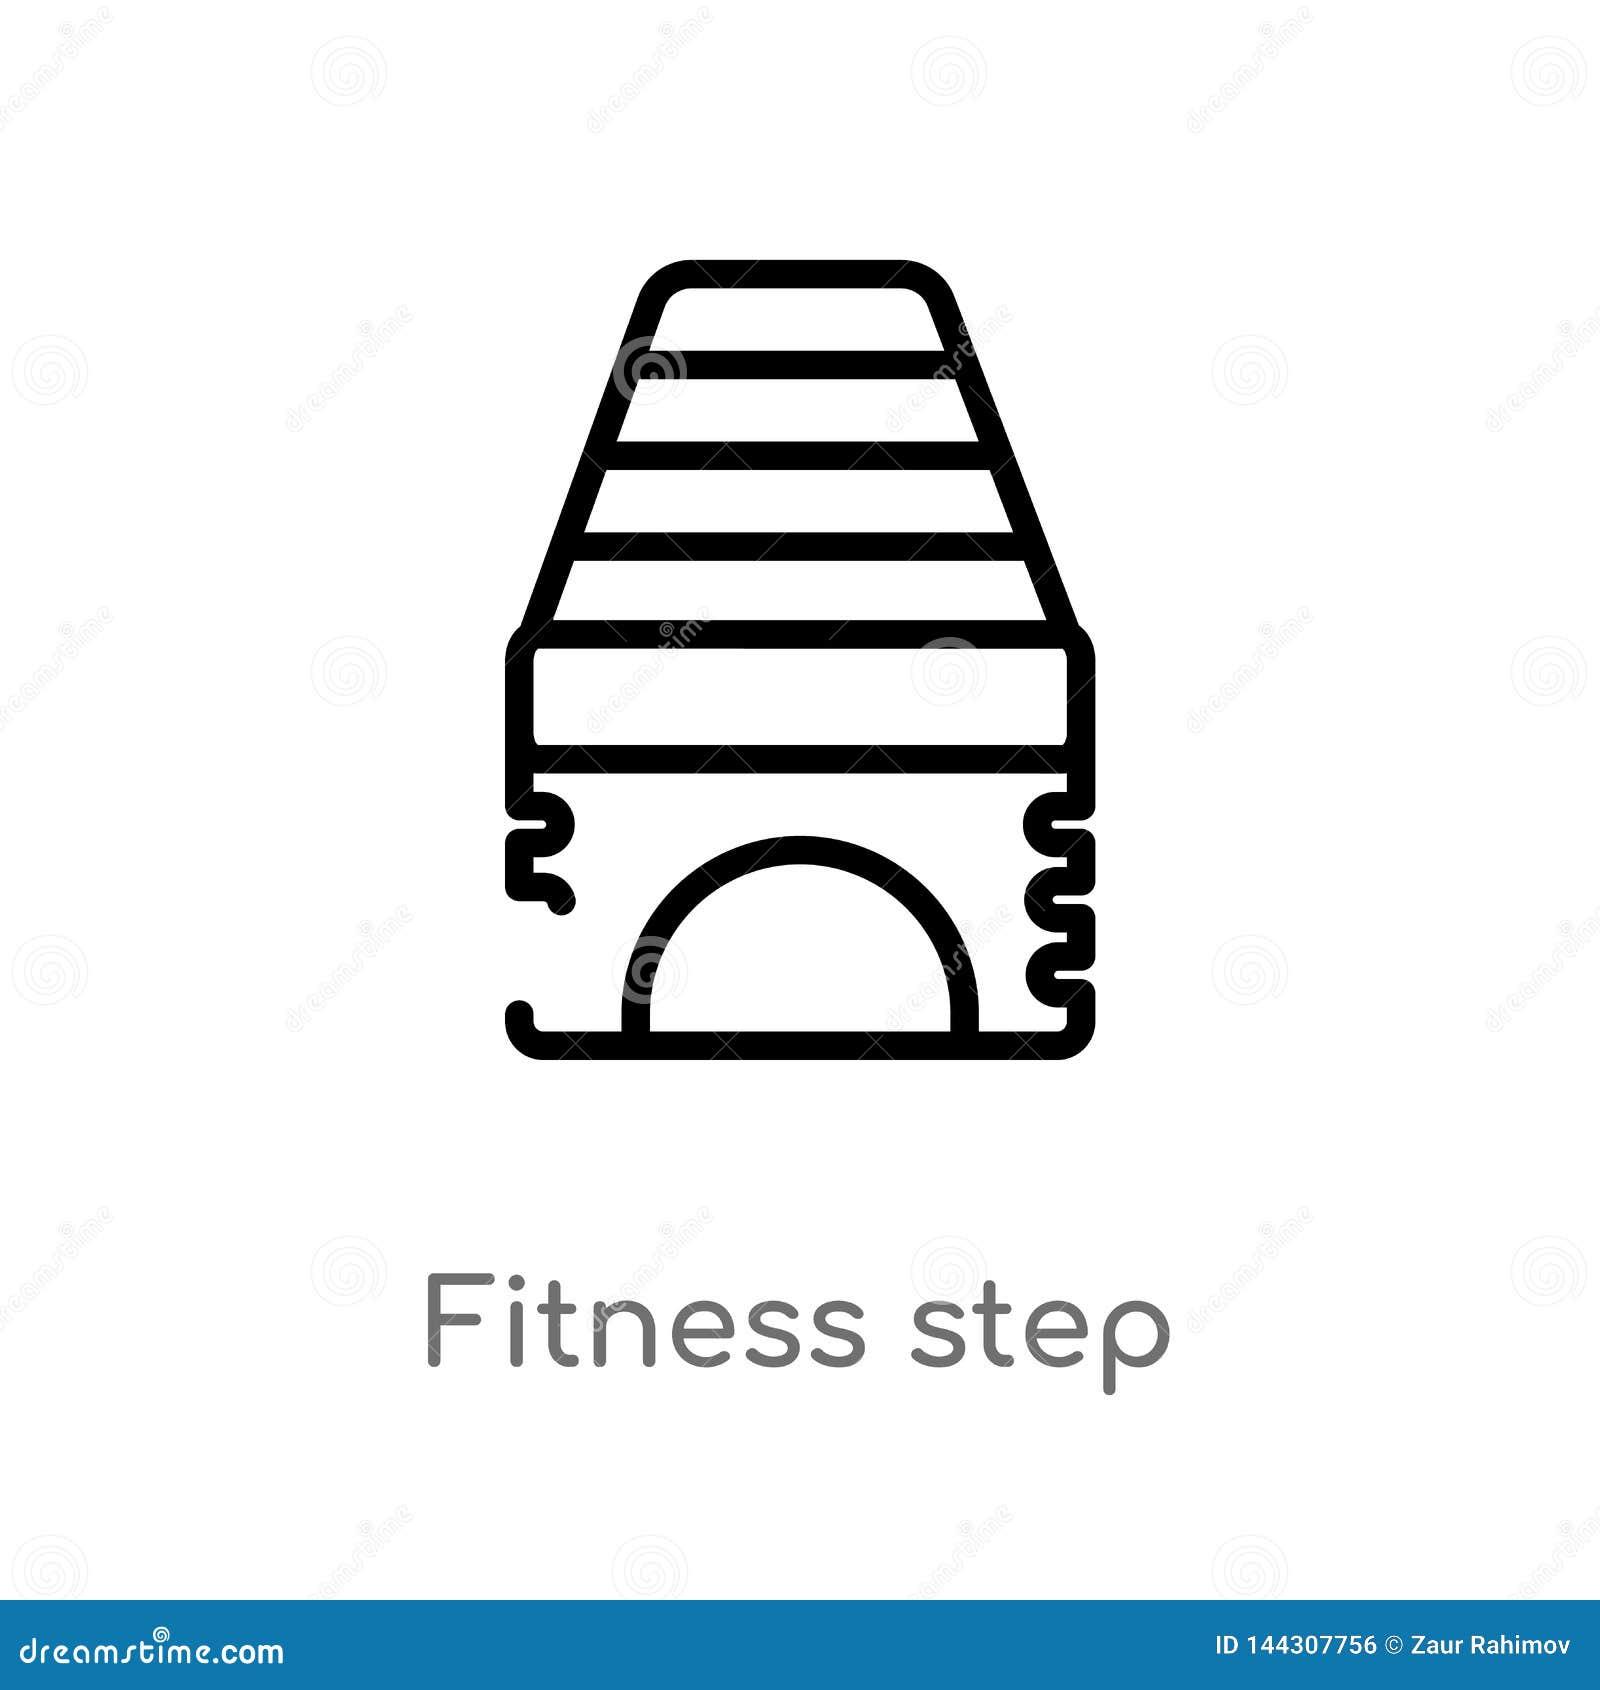 Kontur sprawno?ci fizycznej kroka wektoru ikona odosobniona czarna prosta kreskowego elementu ilustracja od gym i sprawno?ci fizy